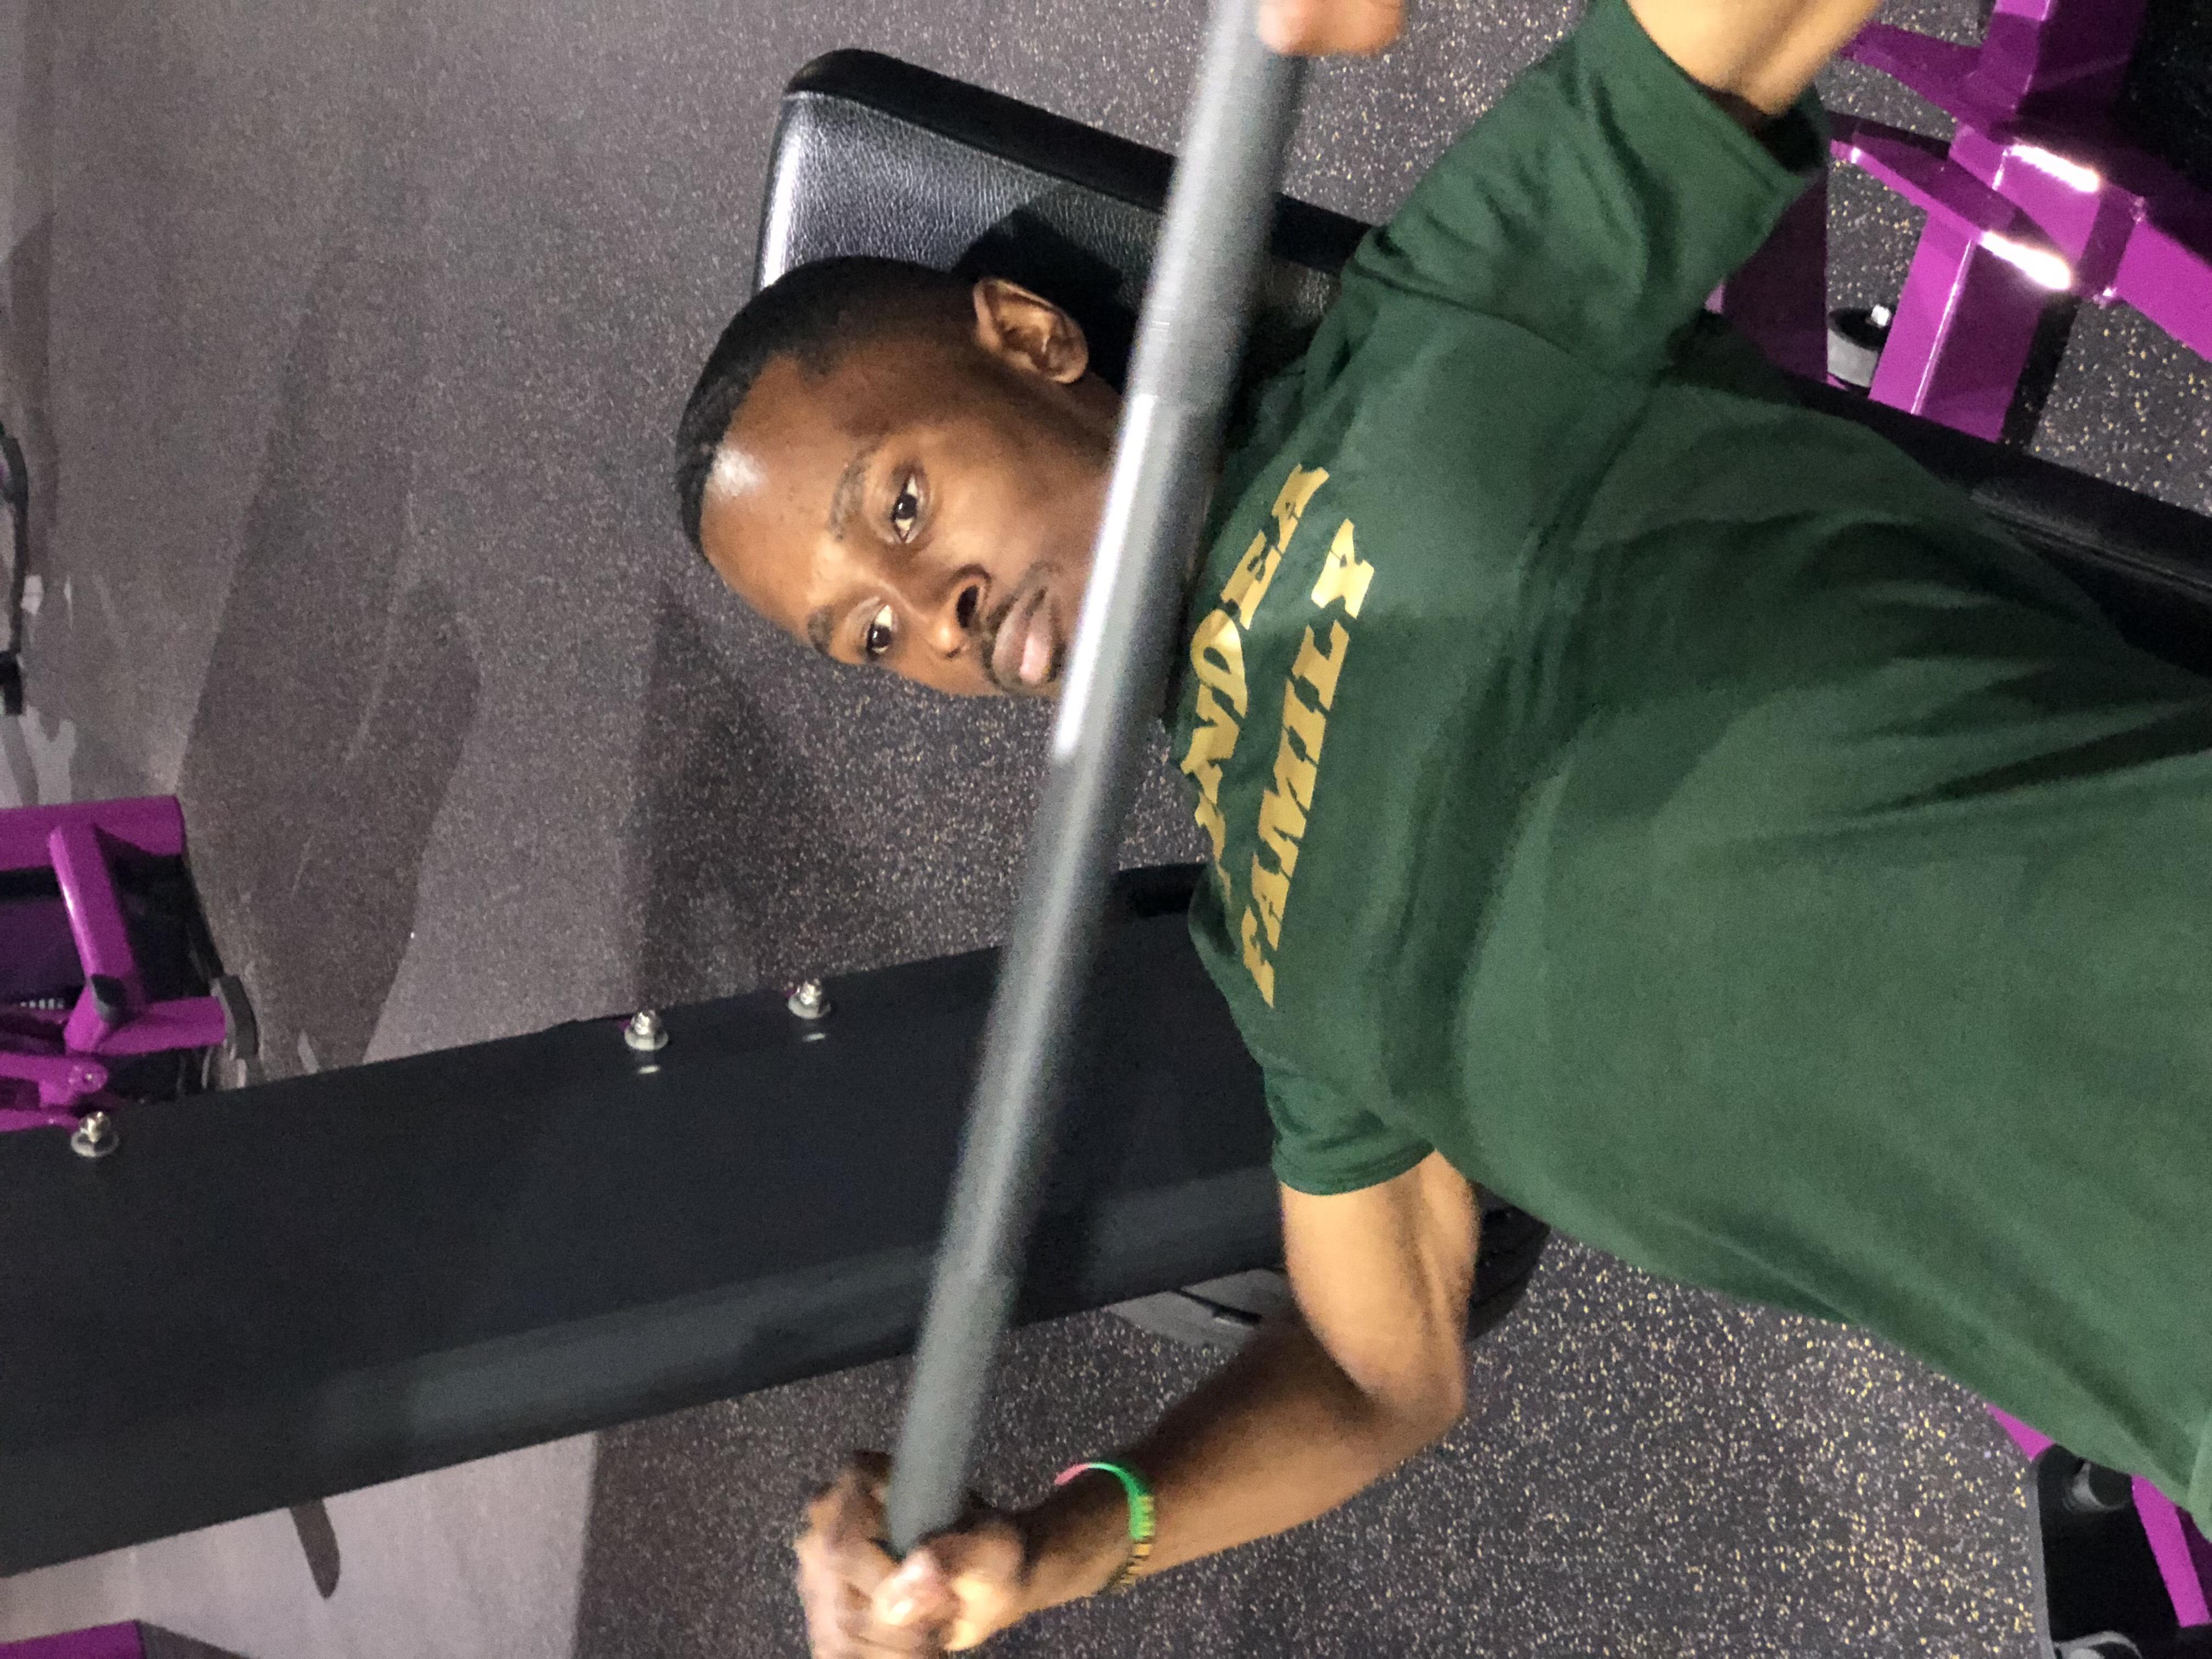 Tendea's Community Workout